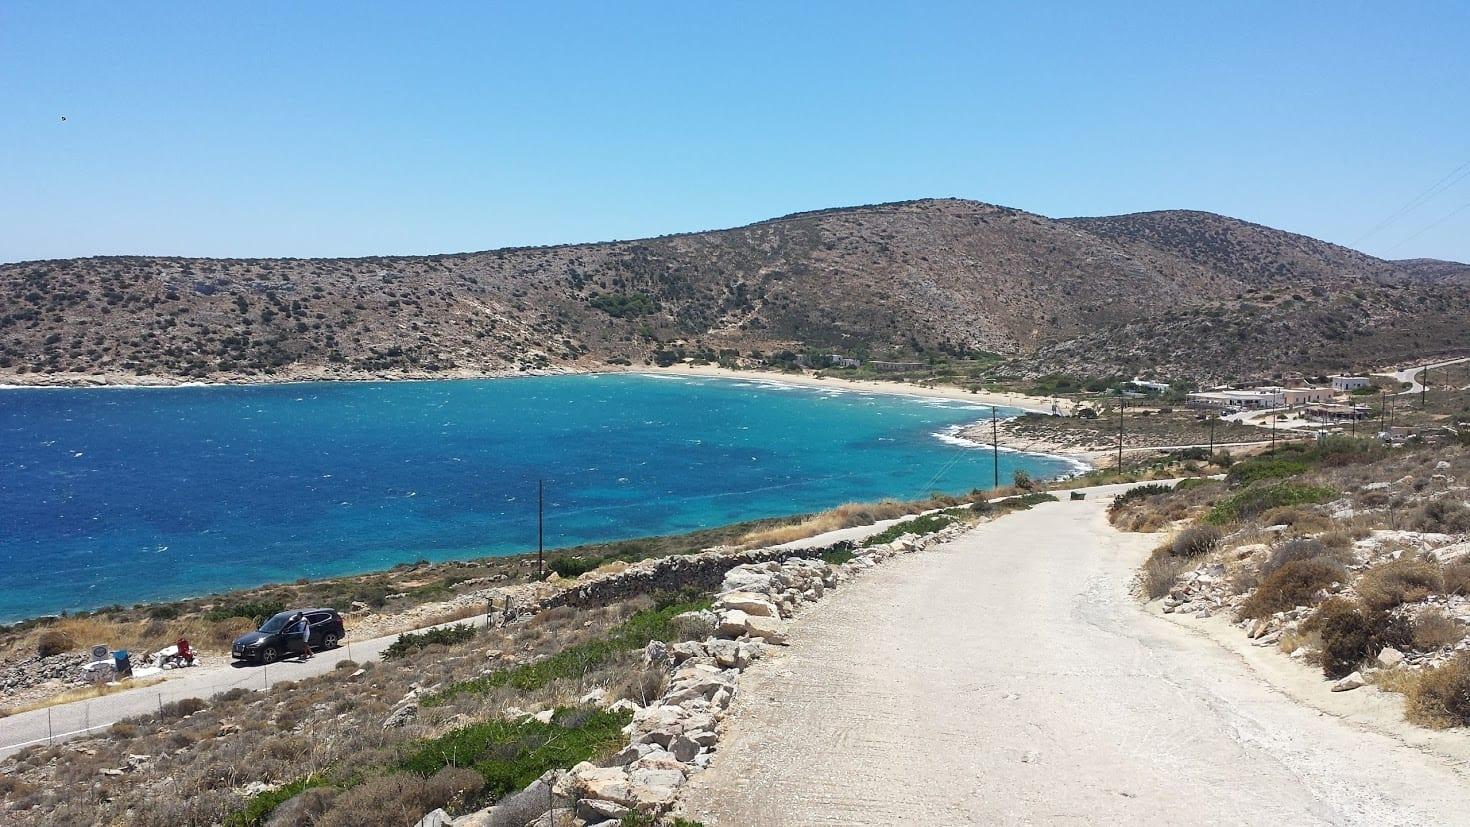 Exploring Iraklia island in Greece